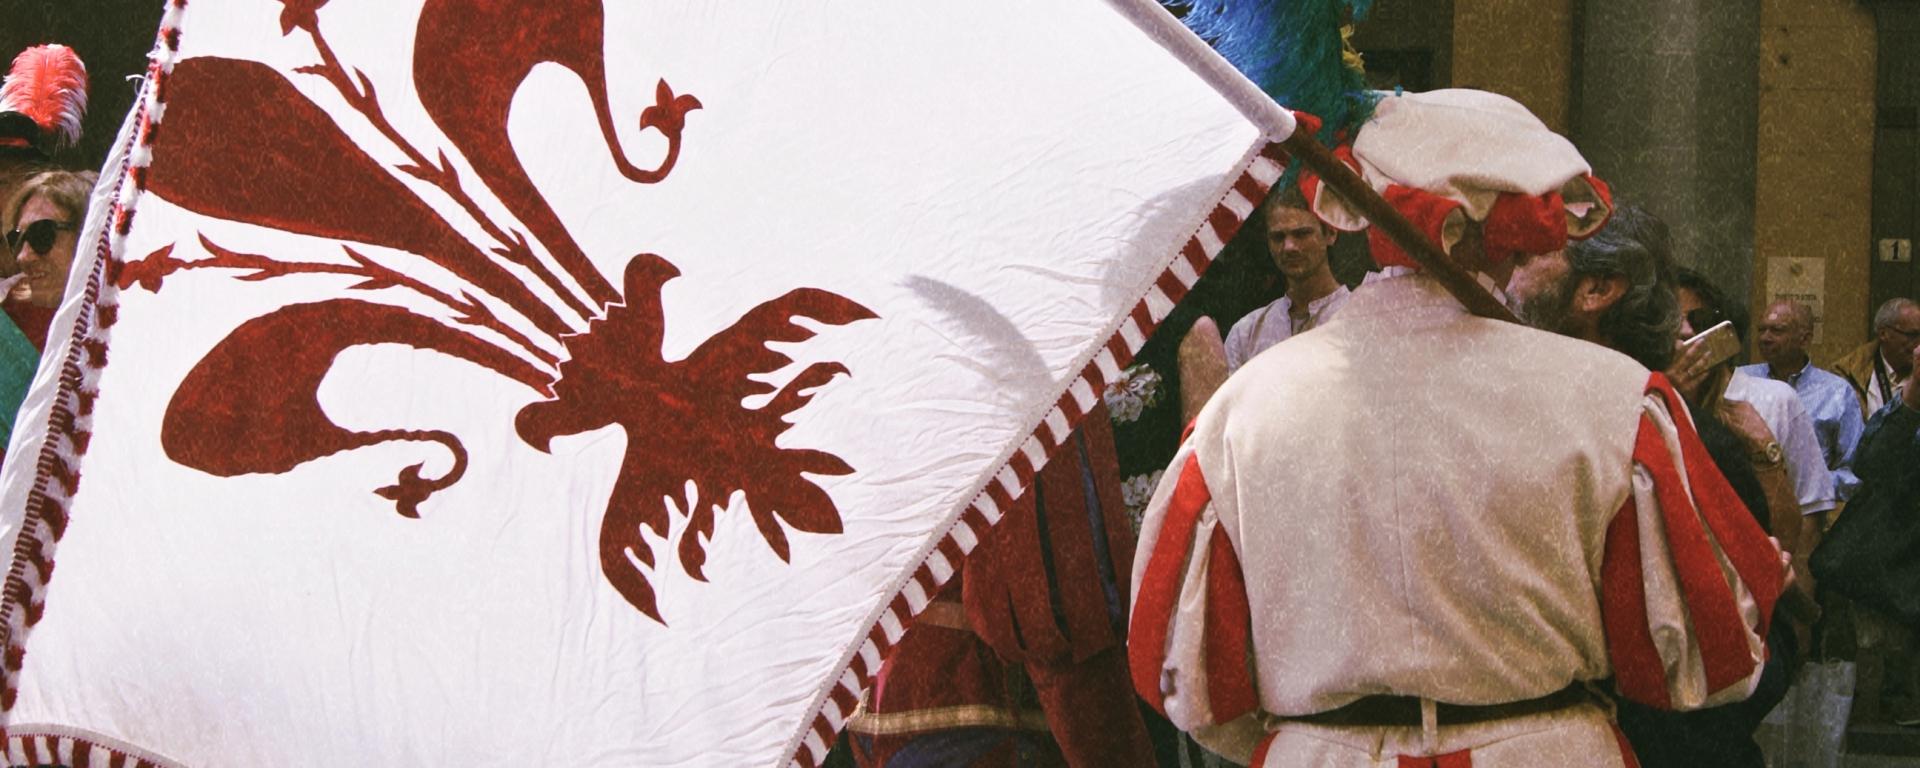 Sbandieratori Fiorentini: l'orgoglio della città